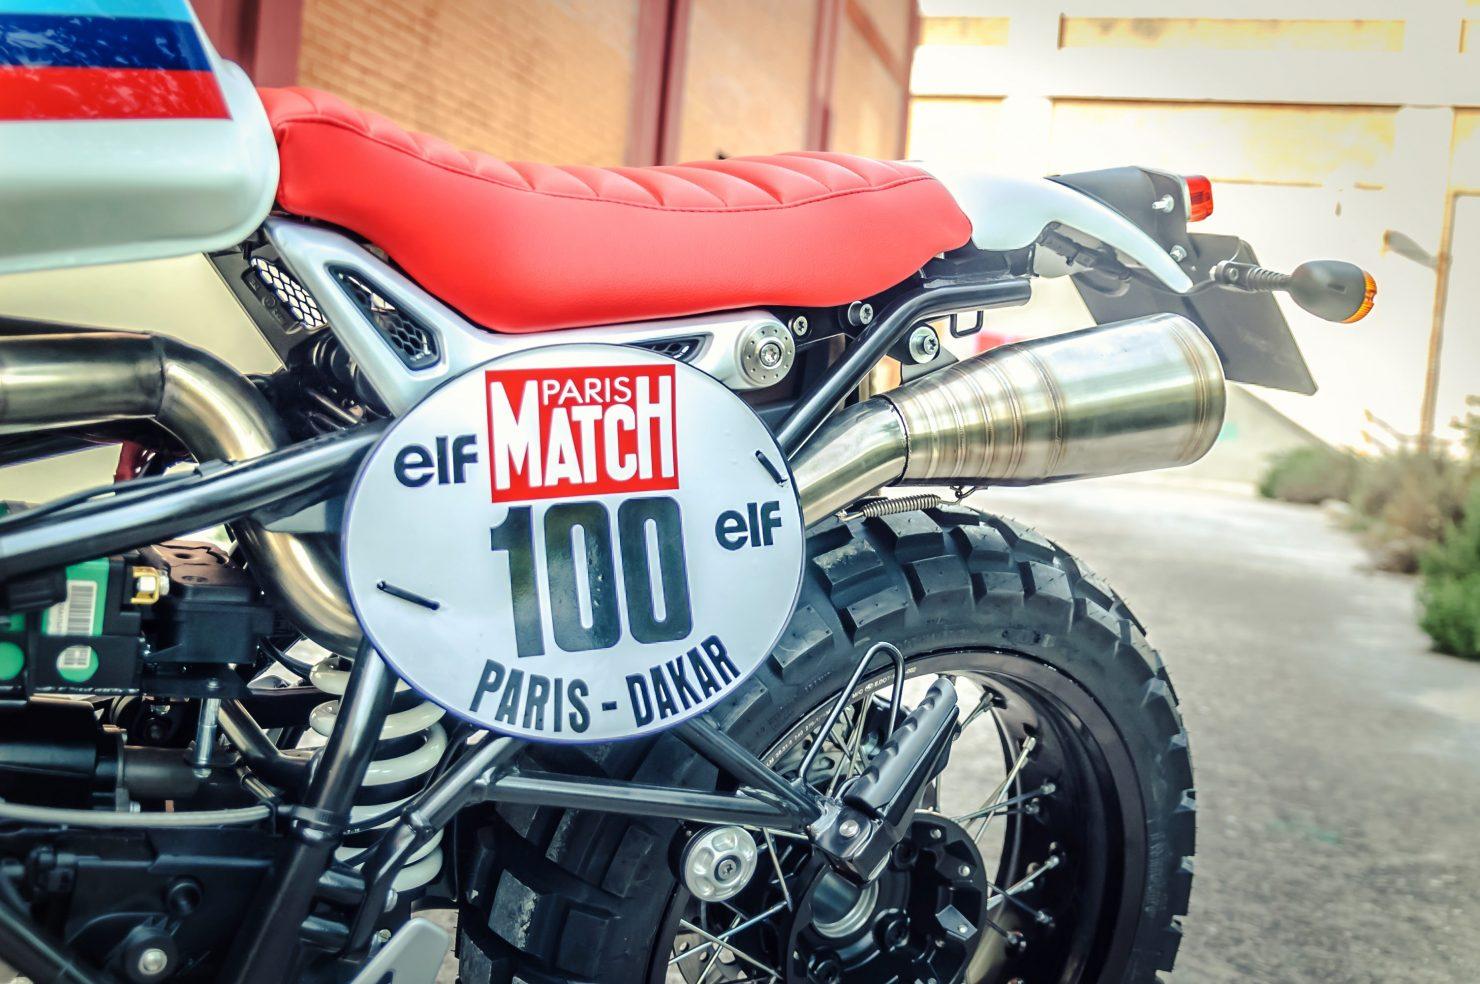 BMW R Nine T Custom Motorbike 7 1480x984 - XTR Pepo BMW R nineT Paris Dakar